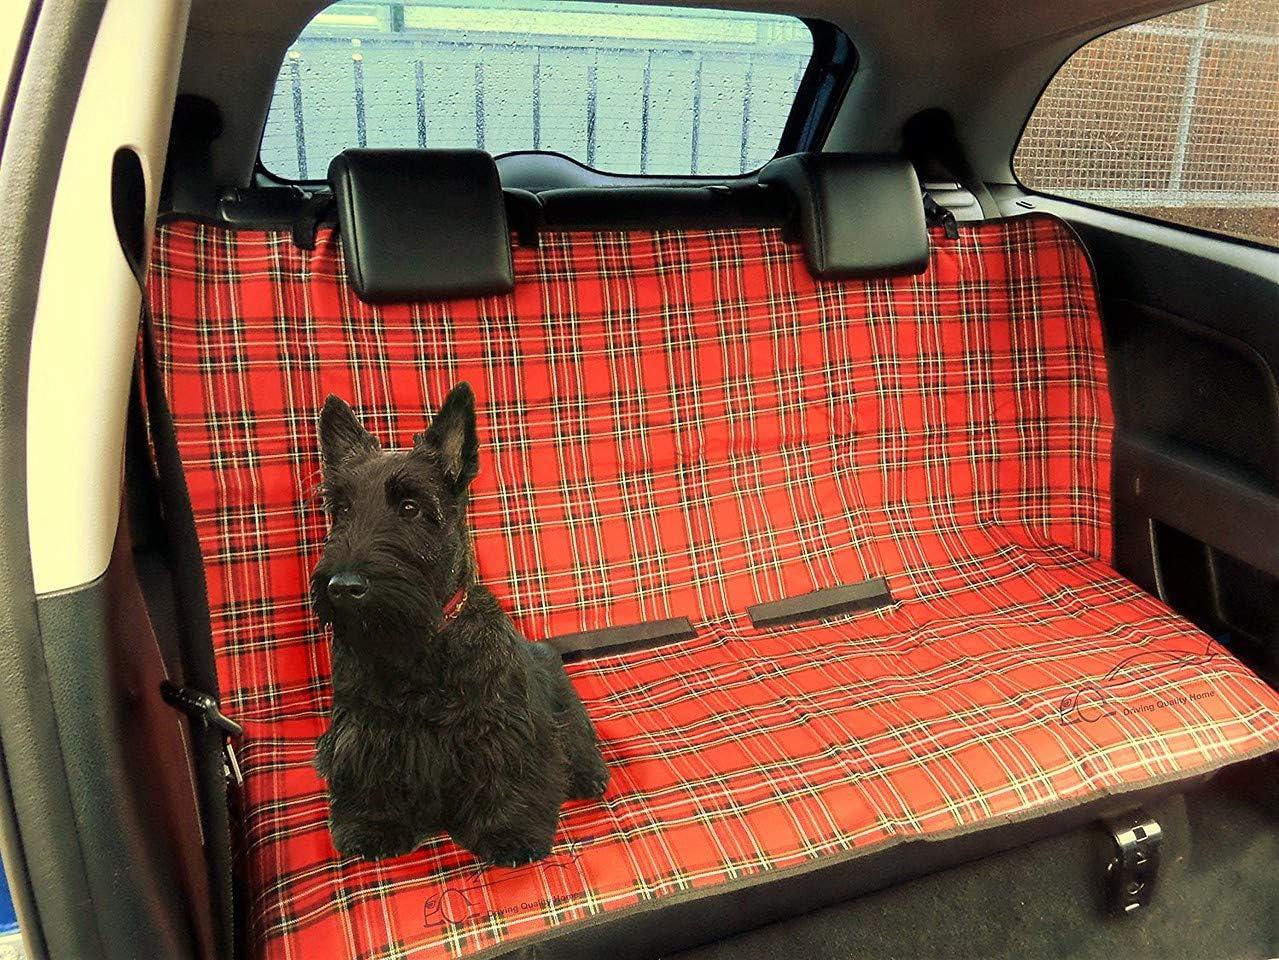 208 307 2008 3008 408 107 5008 SW 207 309 508 509 308 109 409 Xtremeauto Waterproof Rear Back Seat Tartan Seat Cover Blanket 108